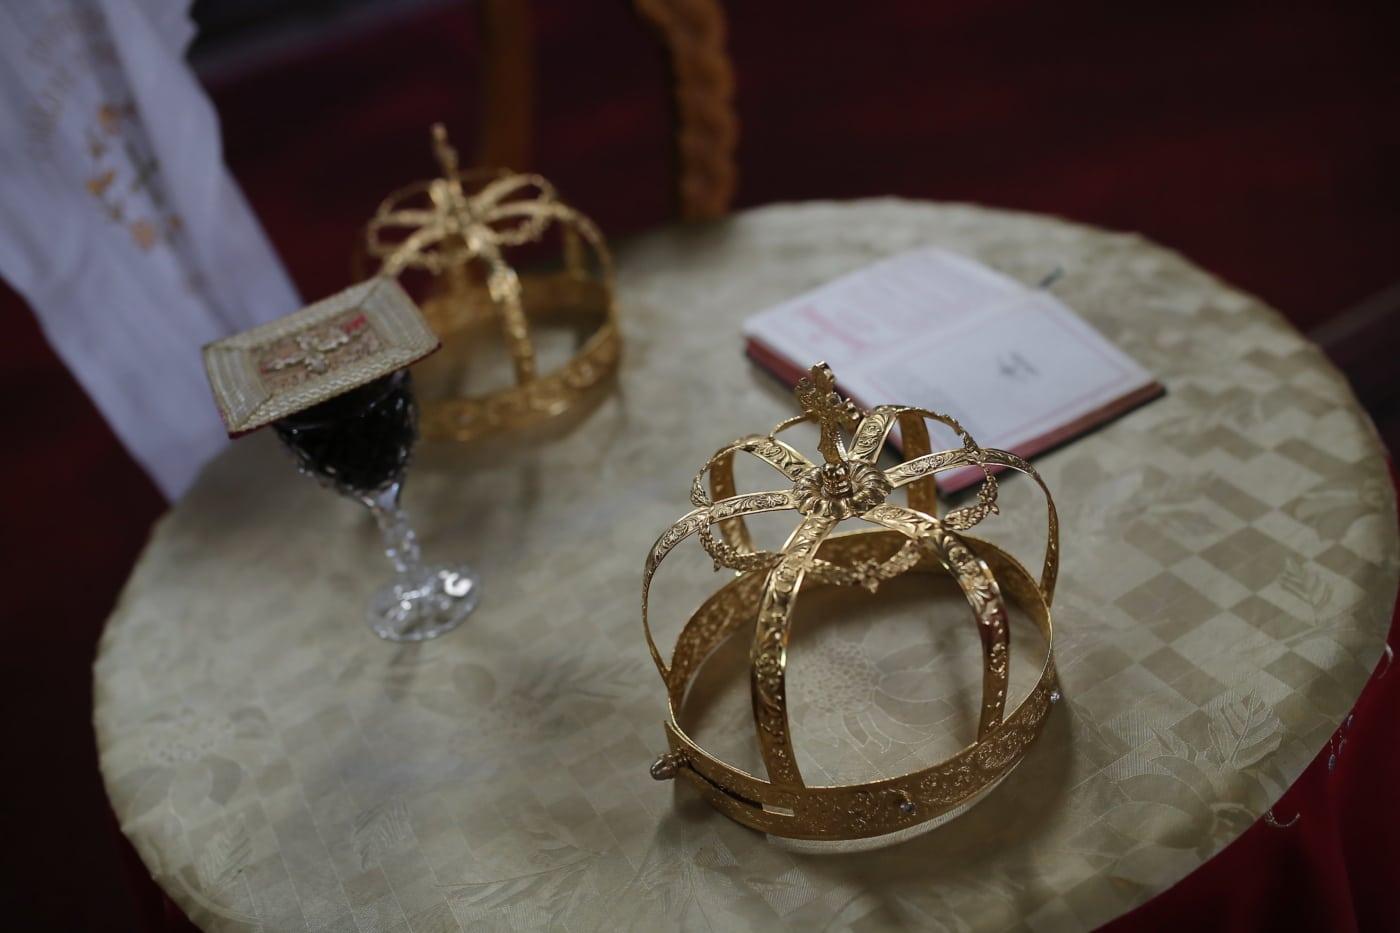 Korona, złota, koronacja, Biblii, czerwone wino, świecący, luksusowe, tradycyjne, pomieszczeniu, dekoracja